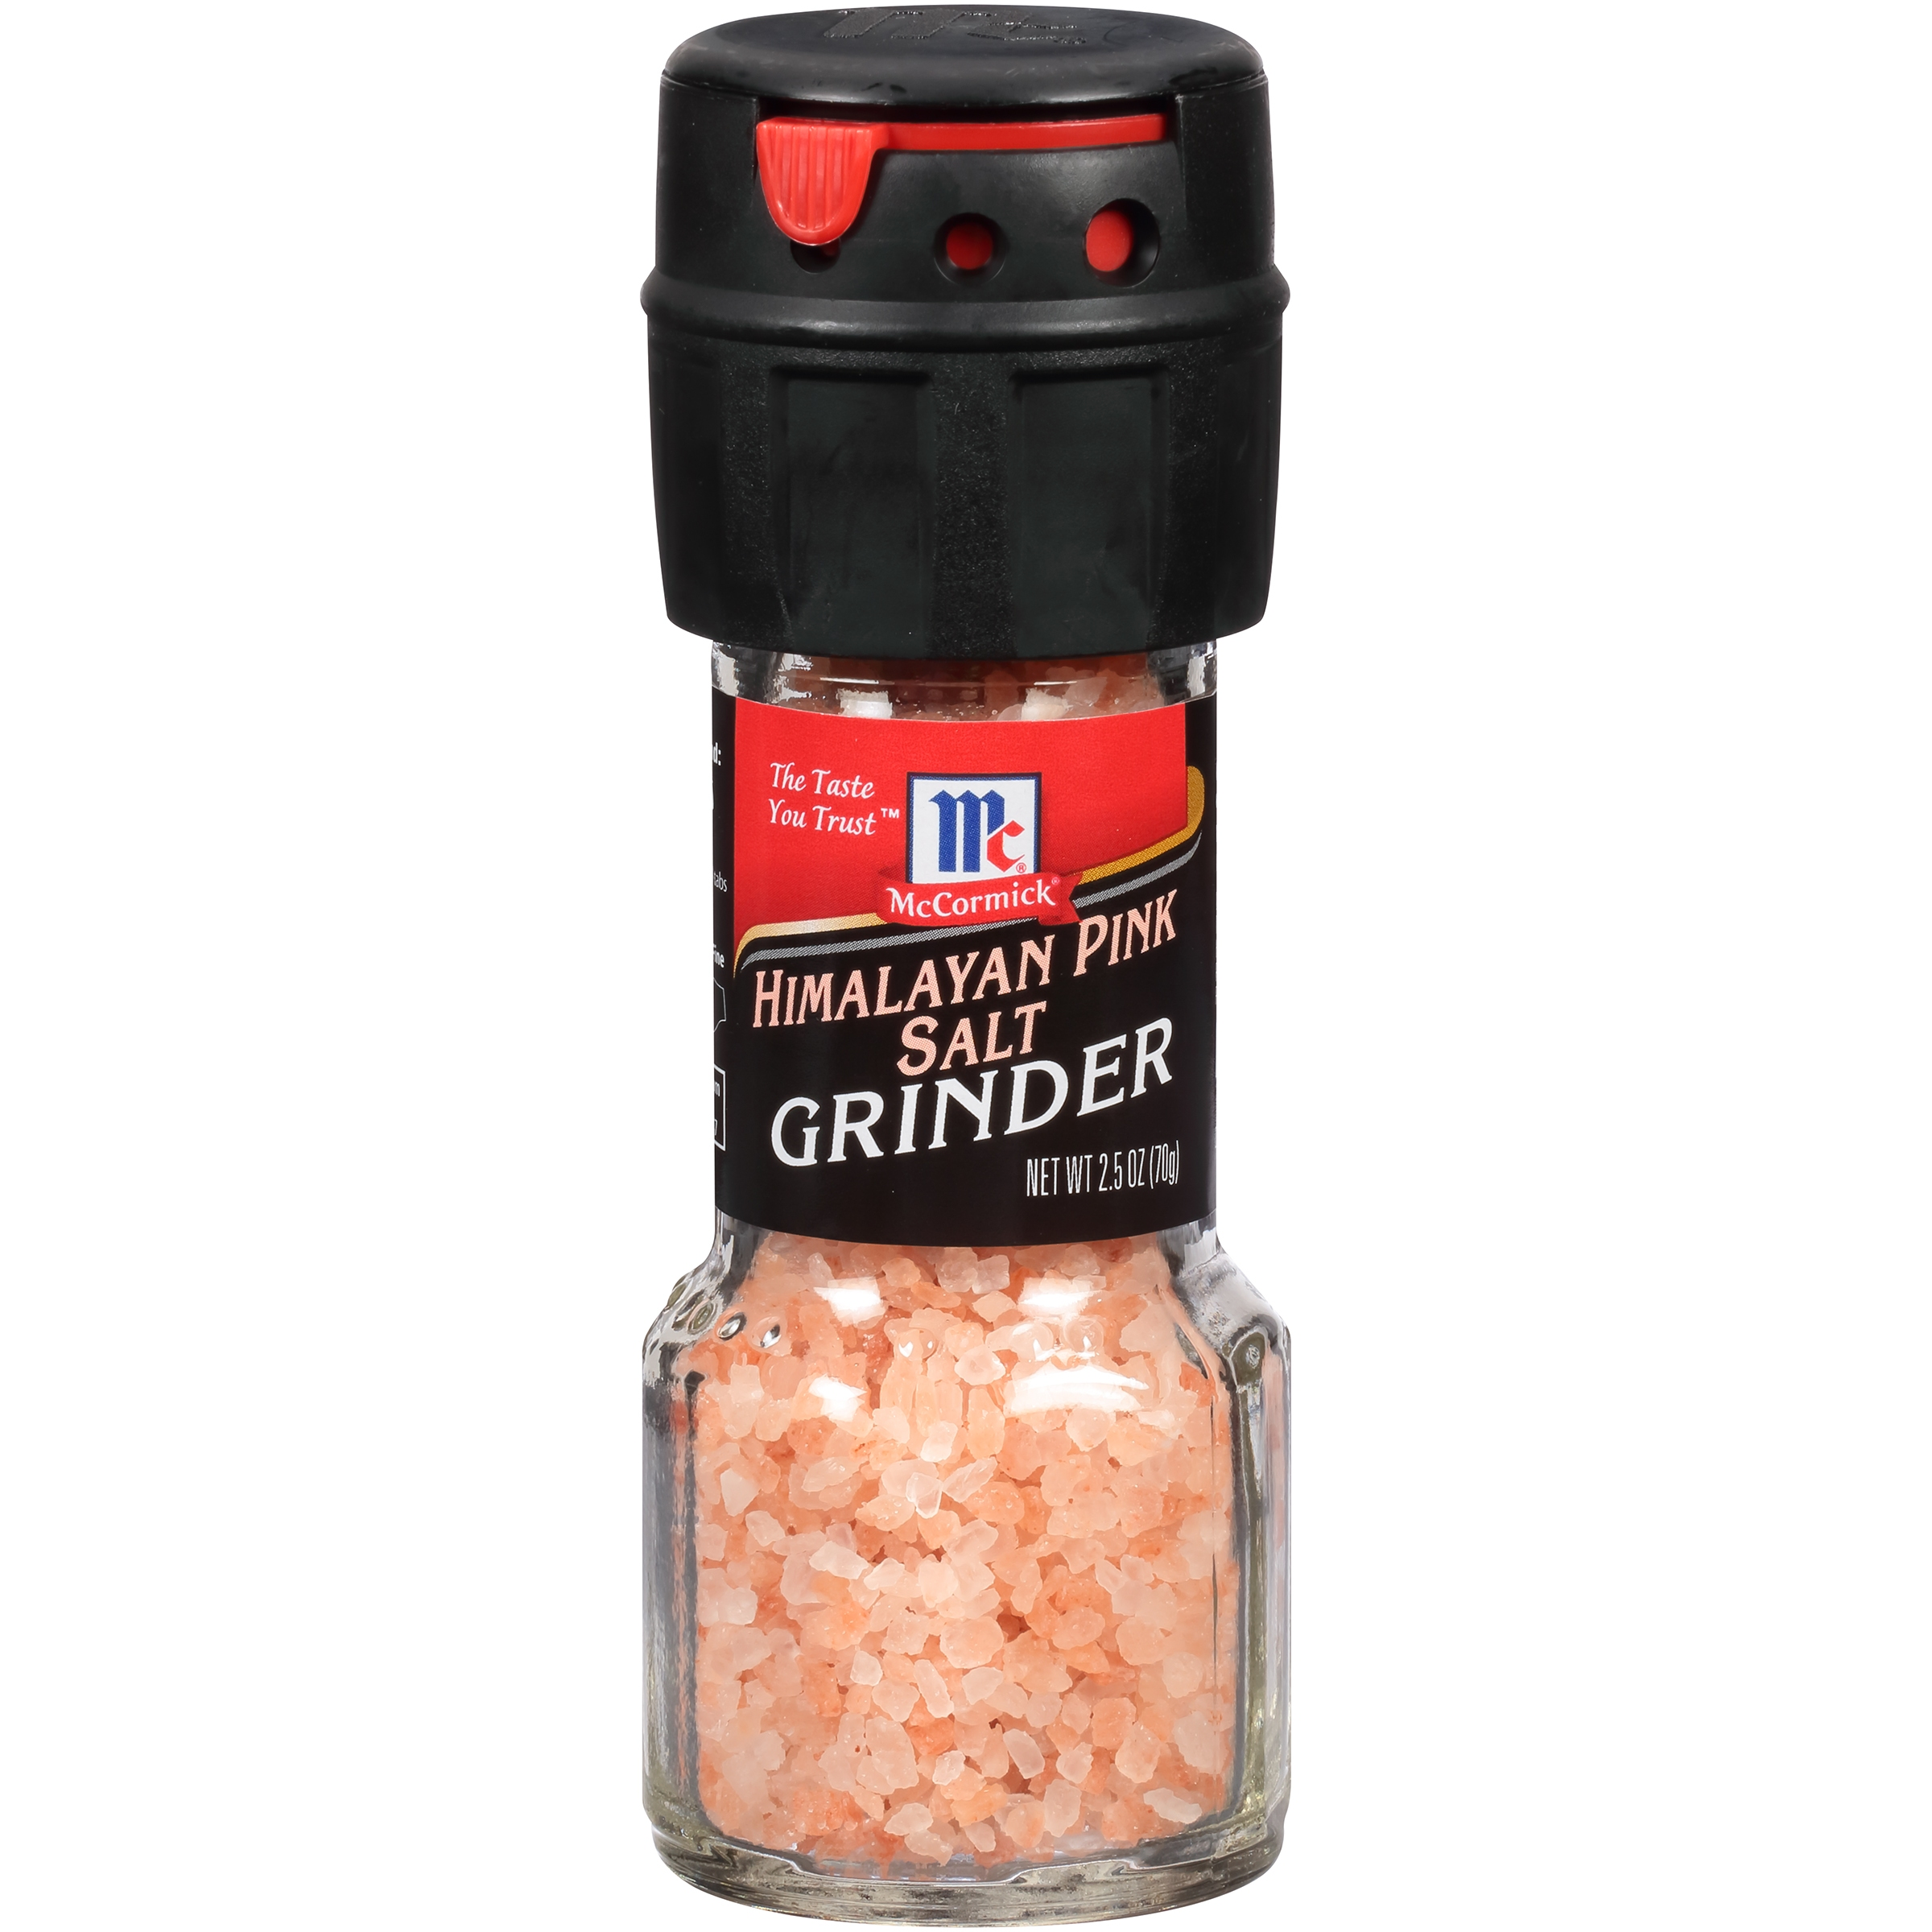 McCormick Grinder Himalayan Pink Salt, 2.5 OZ by McCormick & Co., Inc.